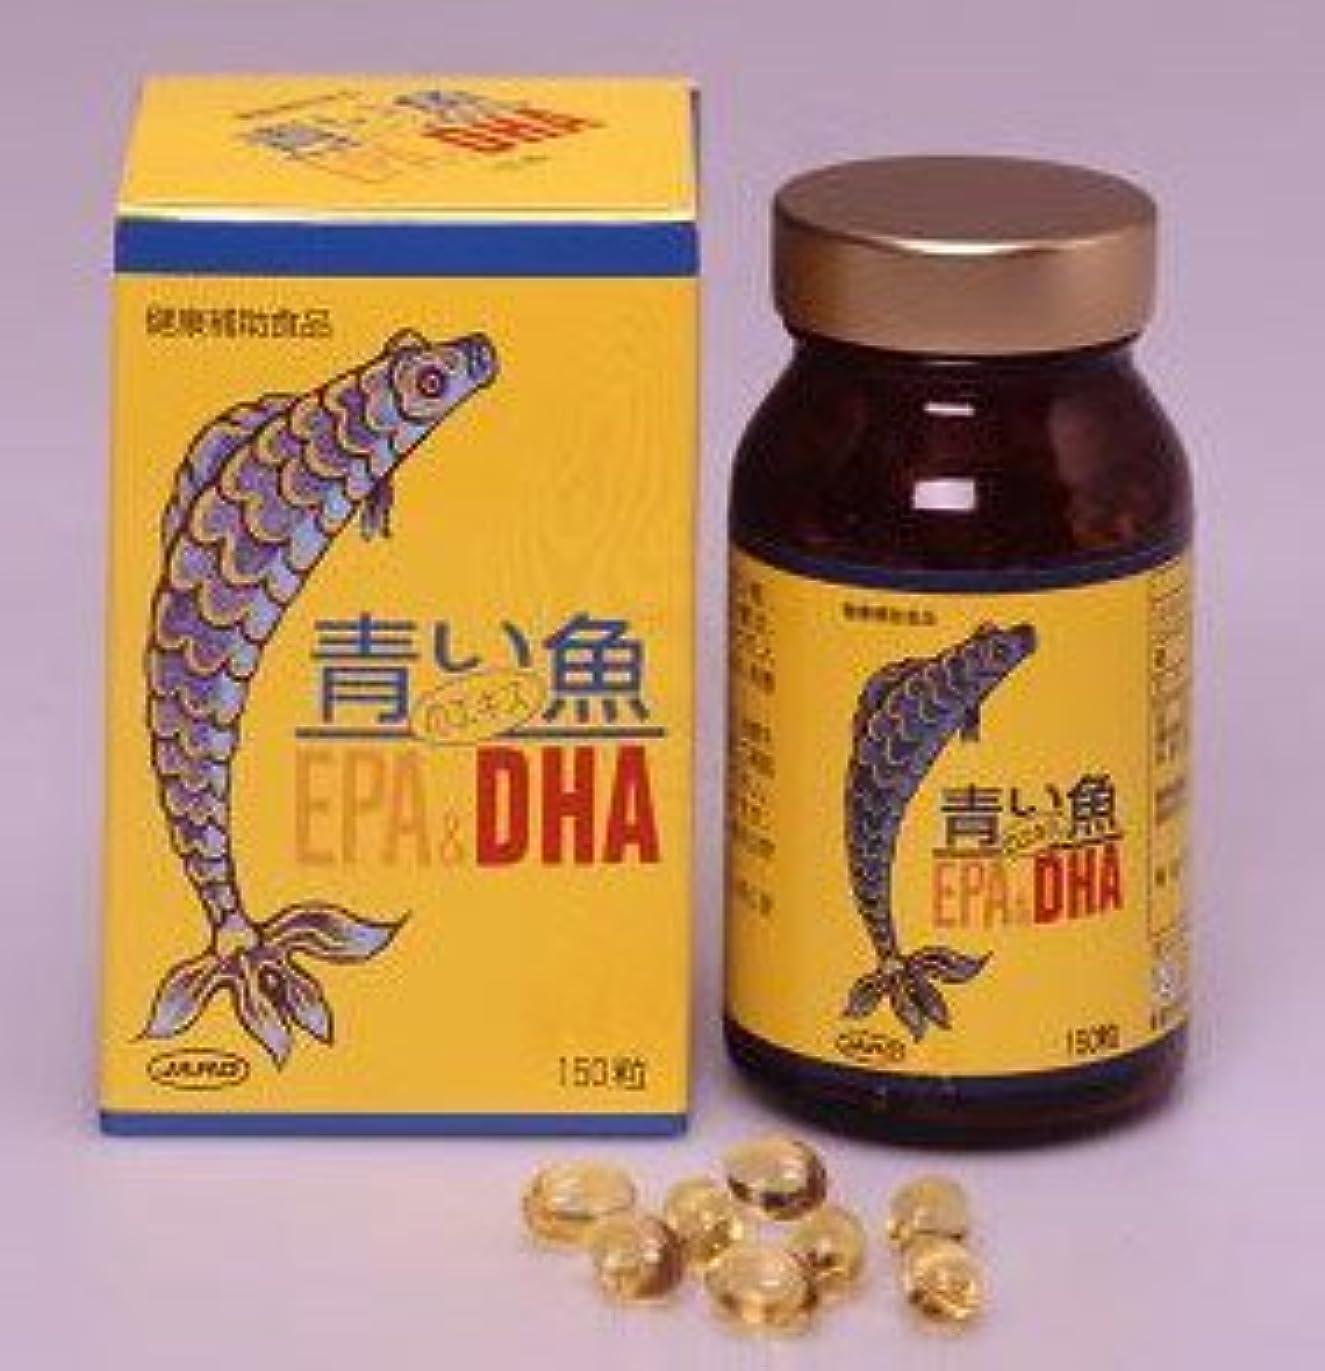 弁護起きている抵抗する青い魚のエキスEPA&DHA(単品)ジャード